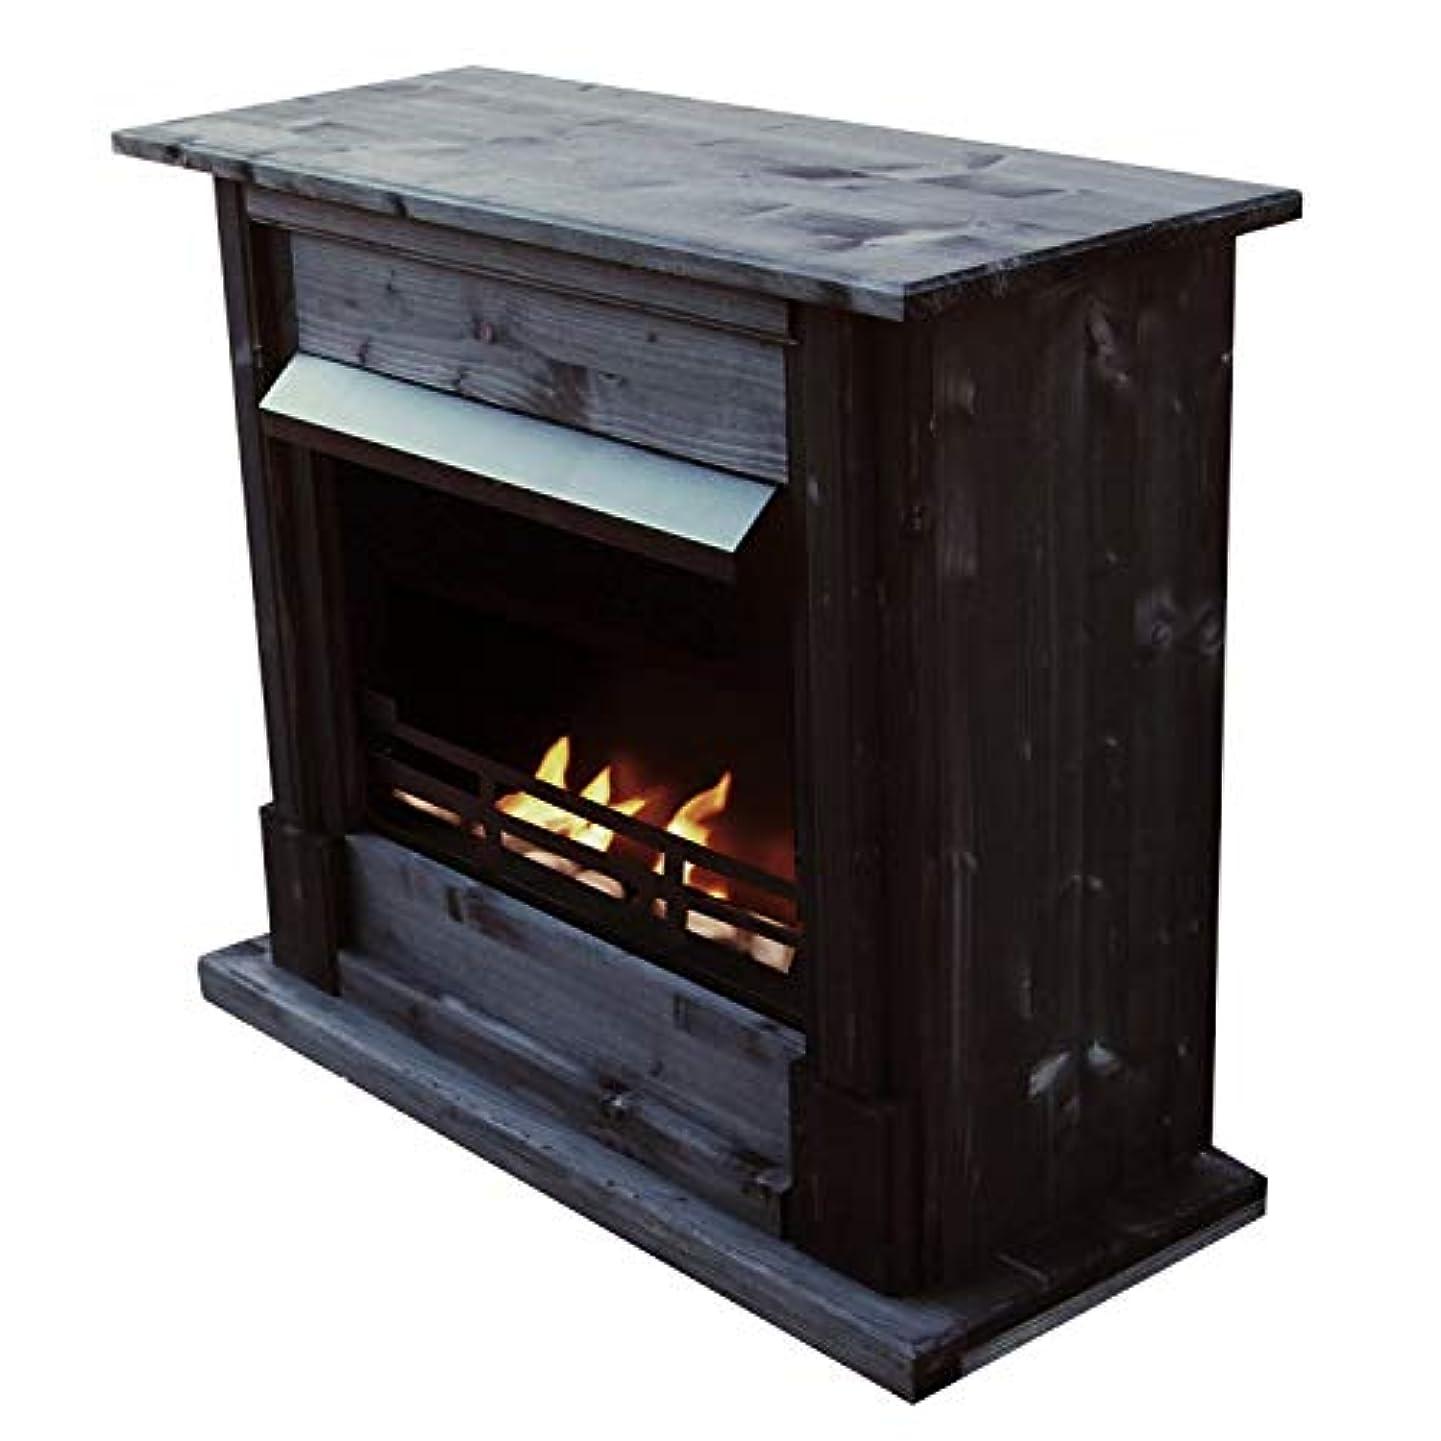 風変わりな傷跡マティスジェル+ ethanol fire-places Emilyデラックスinclusive : 1調節可能なstainless-steel Burner ブラック 10080